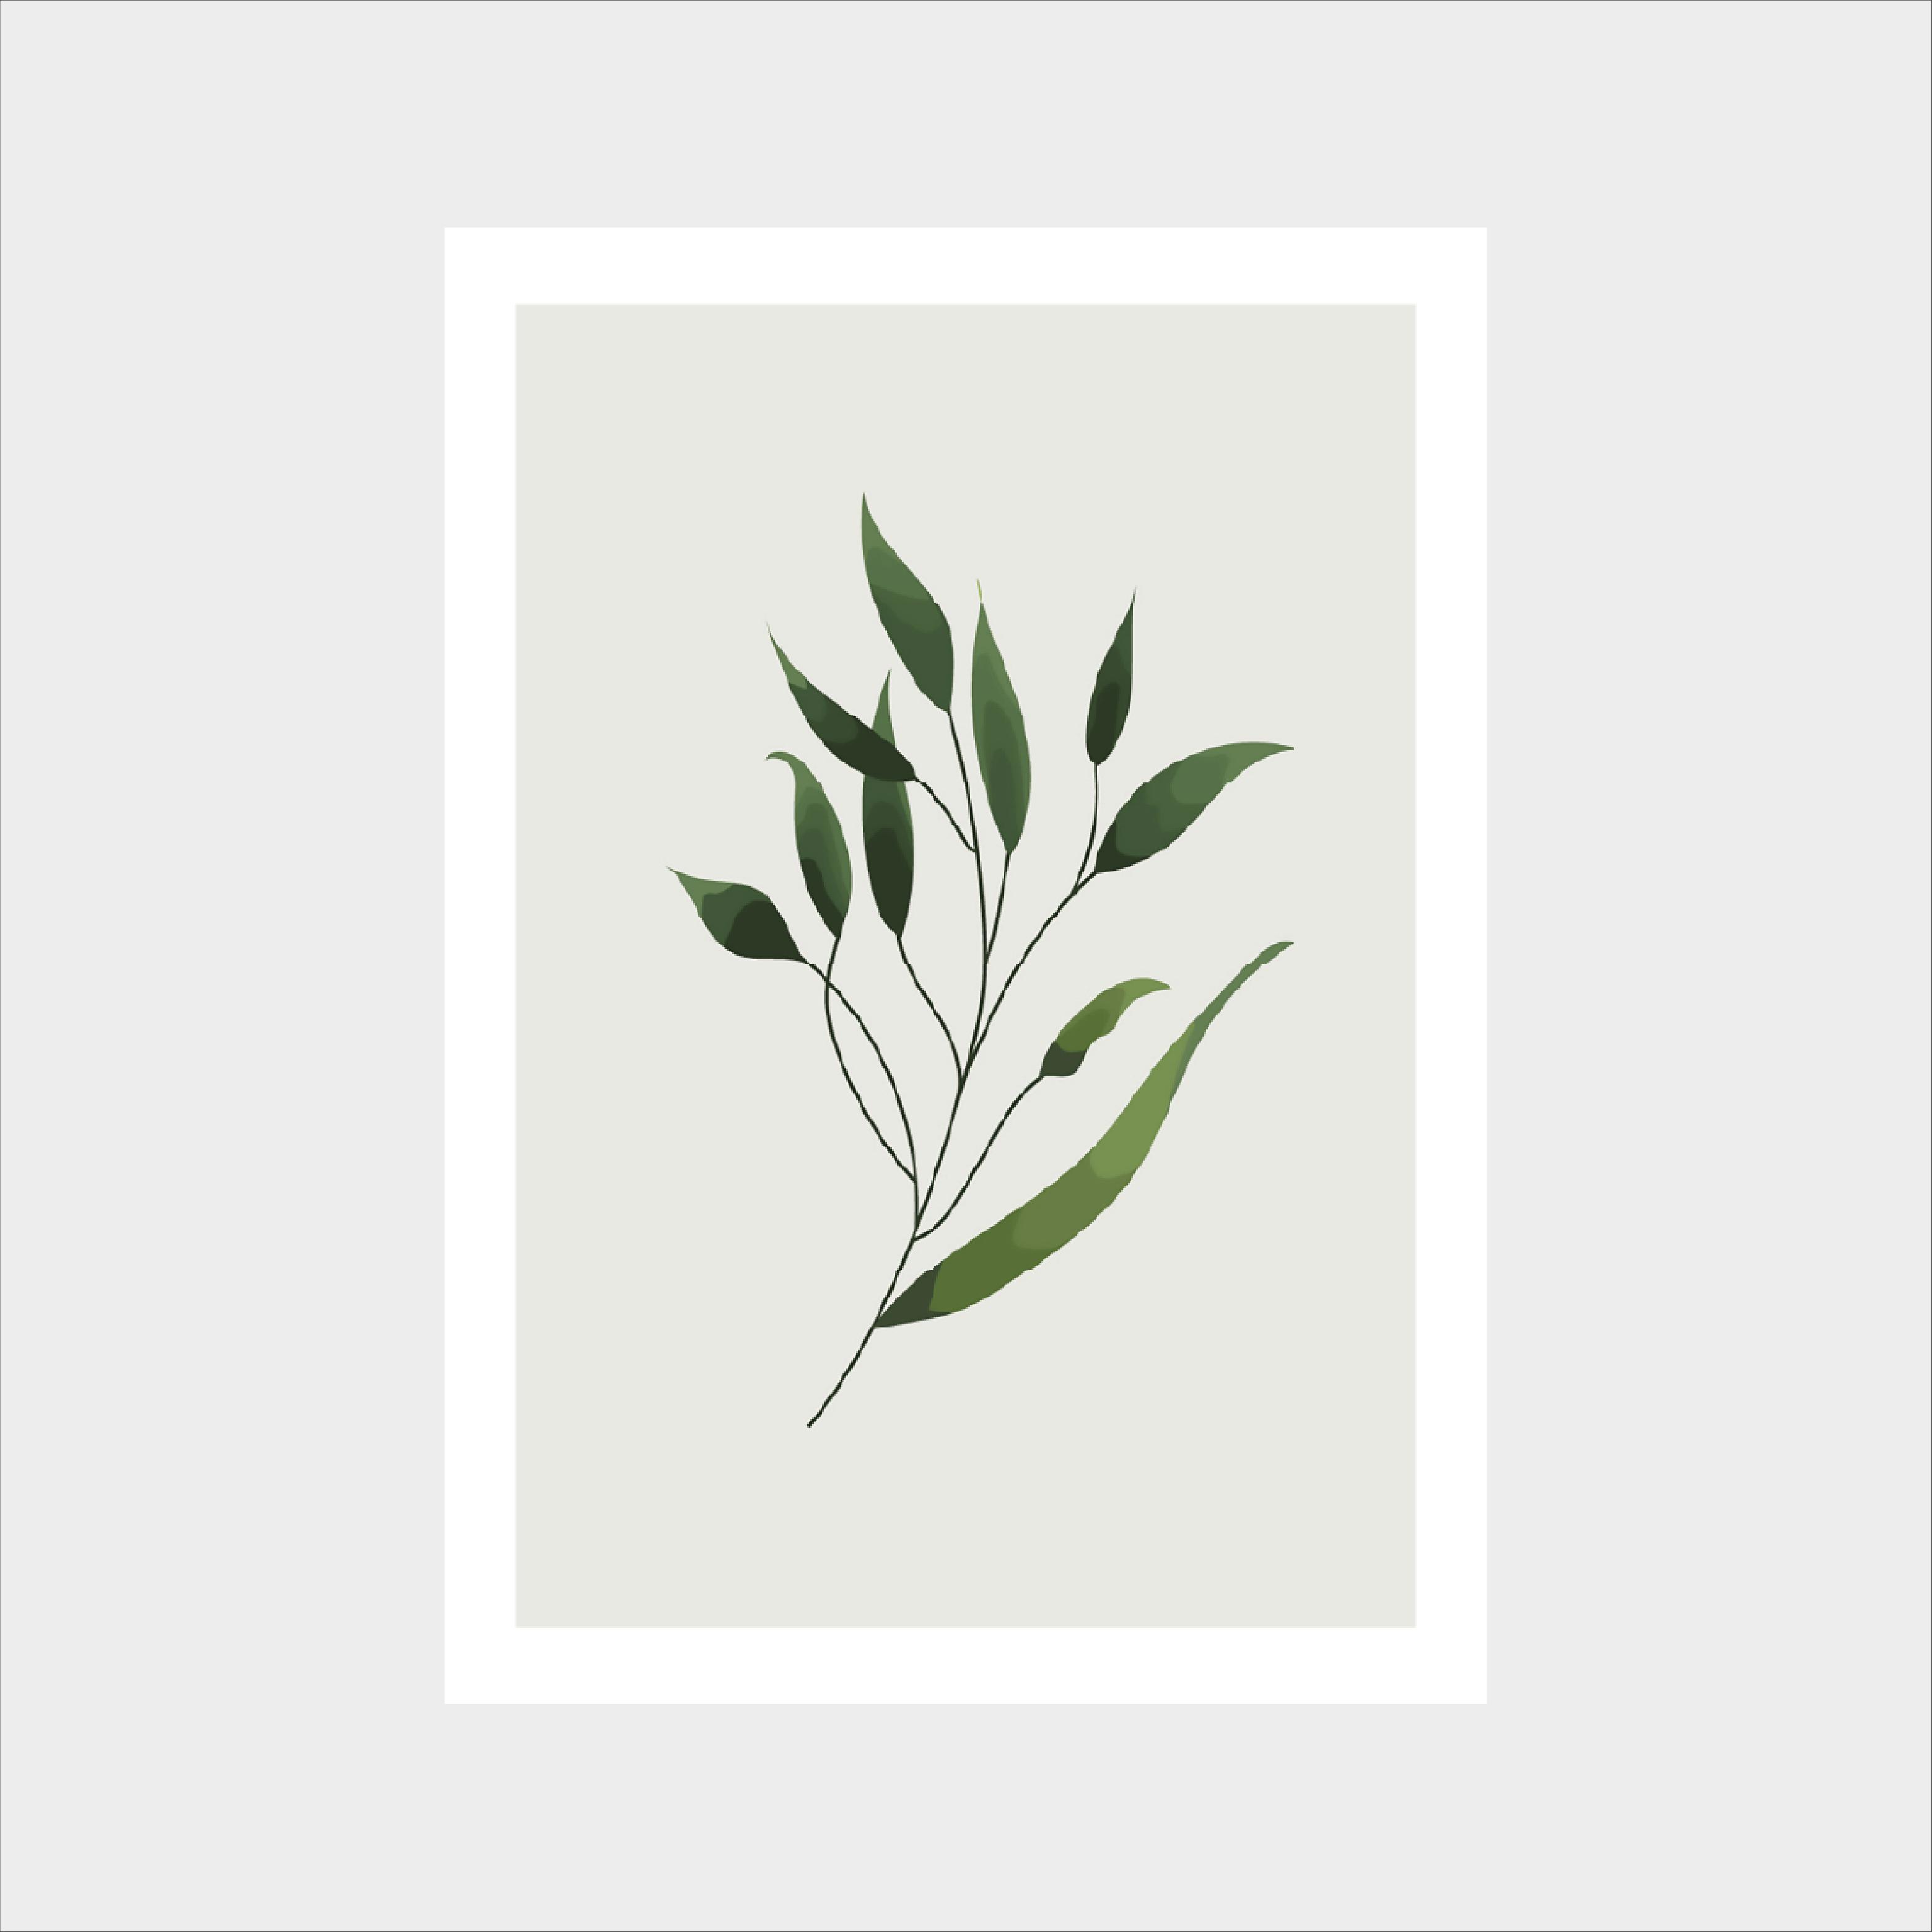 obrazki botaniczne, plakaty z roślinami